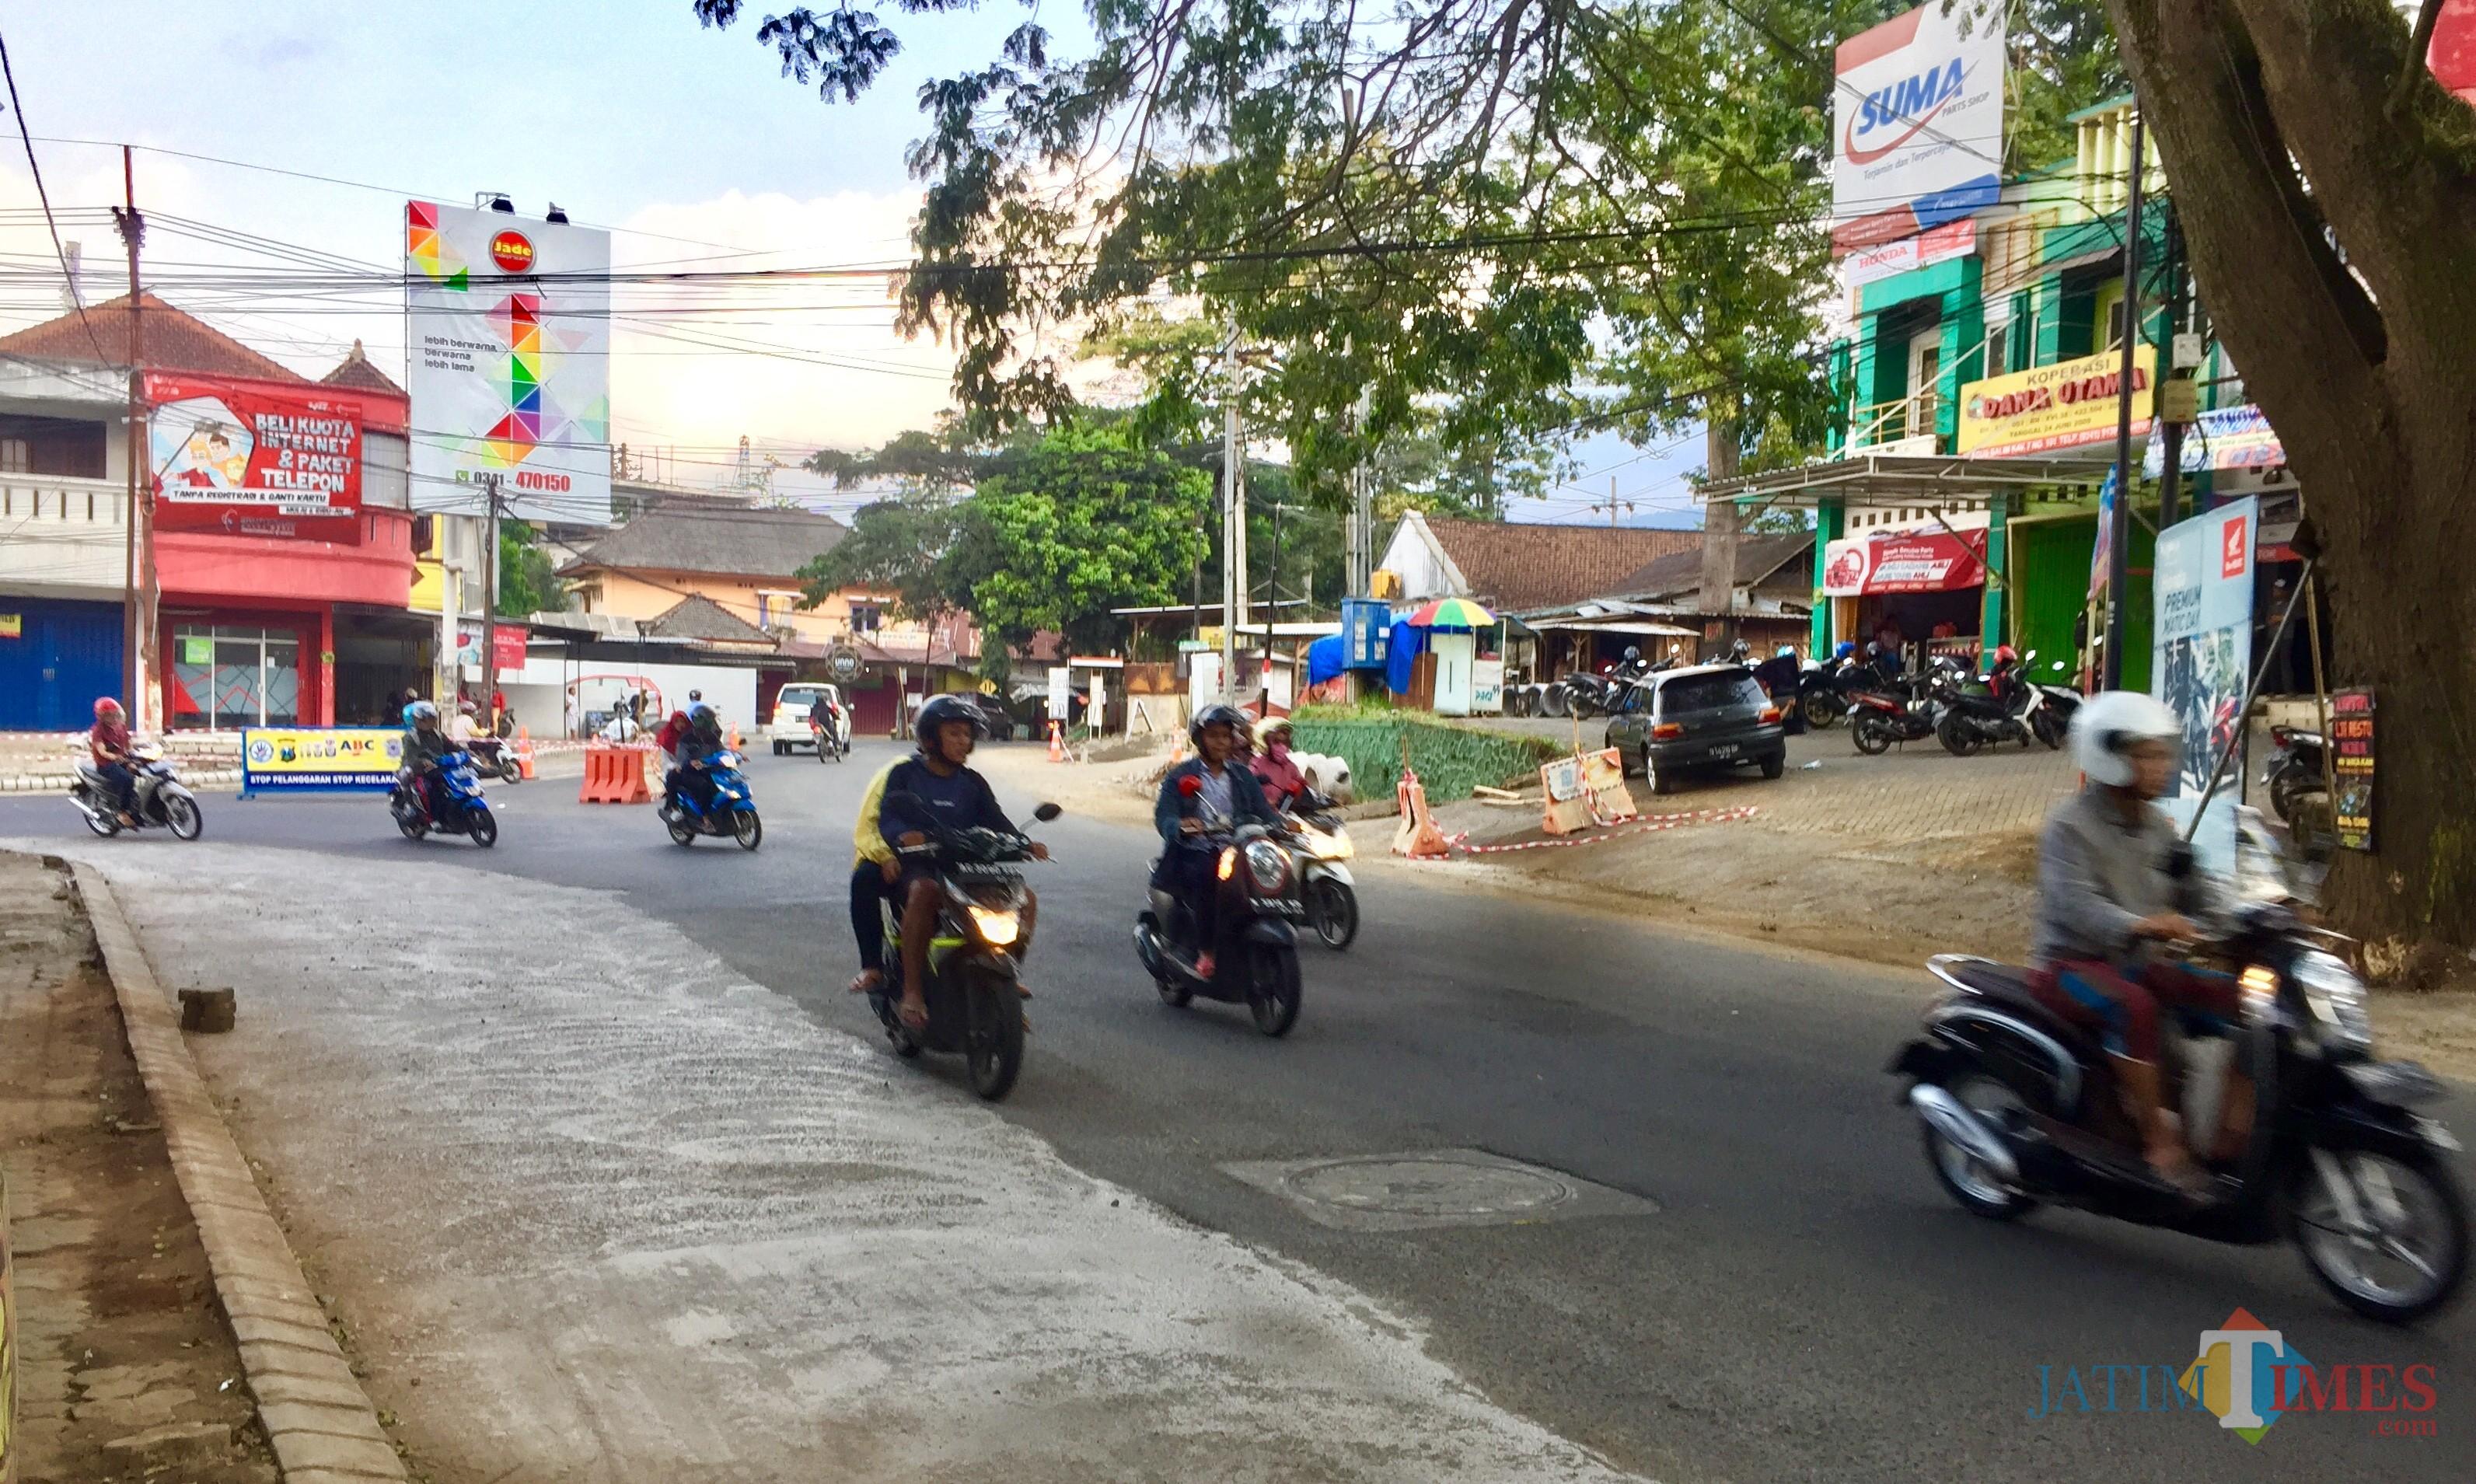 Jalan yang dalam proses pelebaran disimpang empat Jalan Dewi Sartika, Kelurahan Temas, Kecamatan Batu. (Foto: Irsya Richa/MalangTIMES)